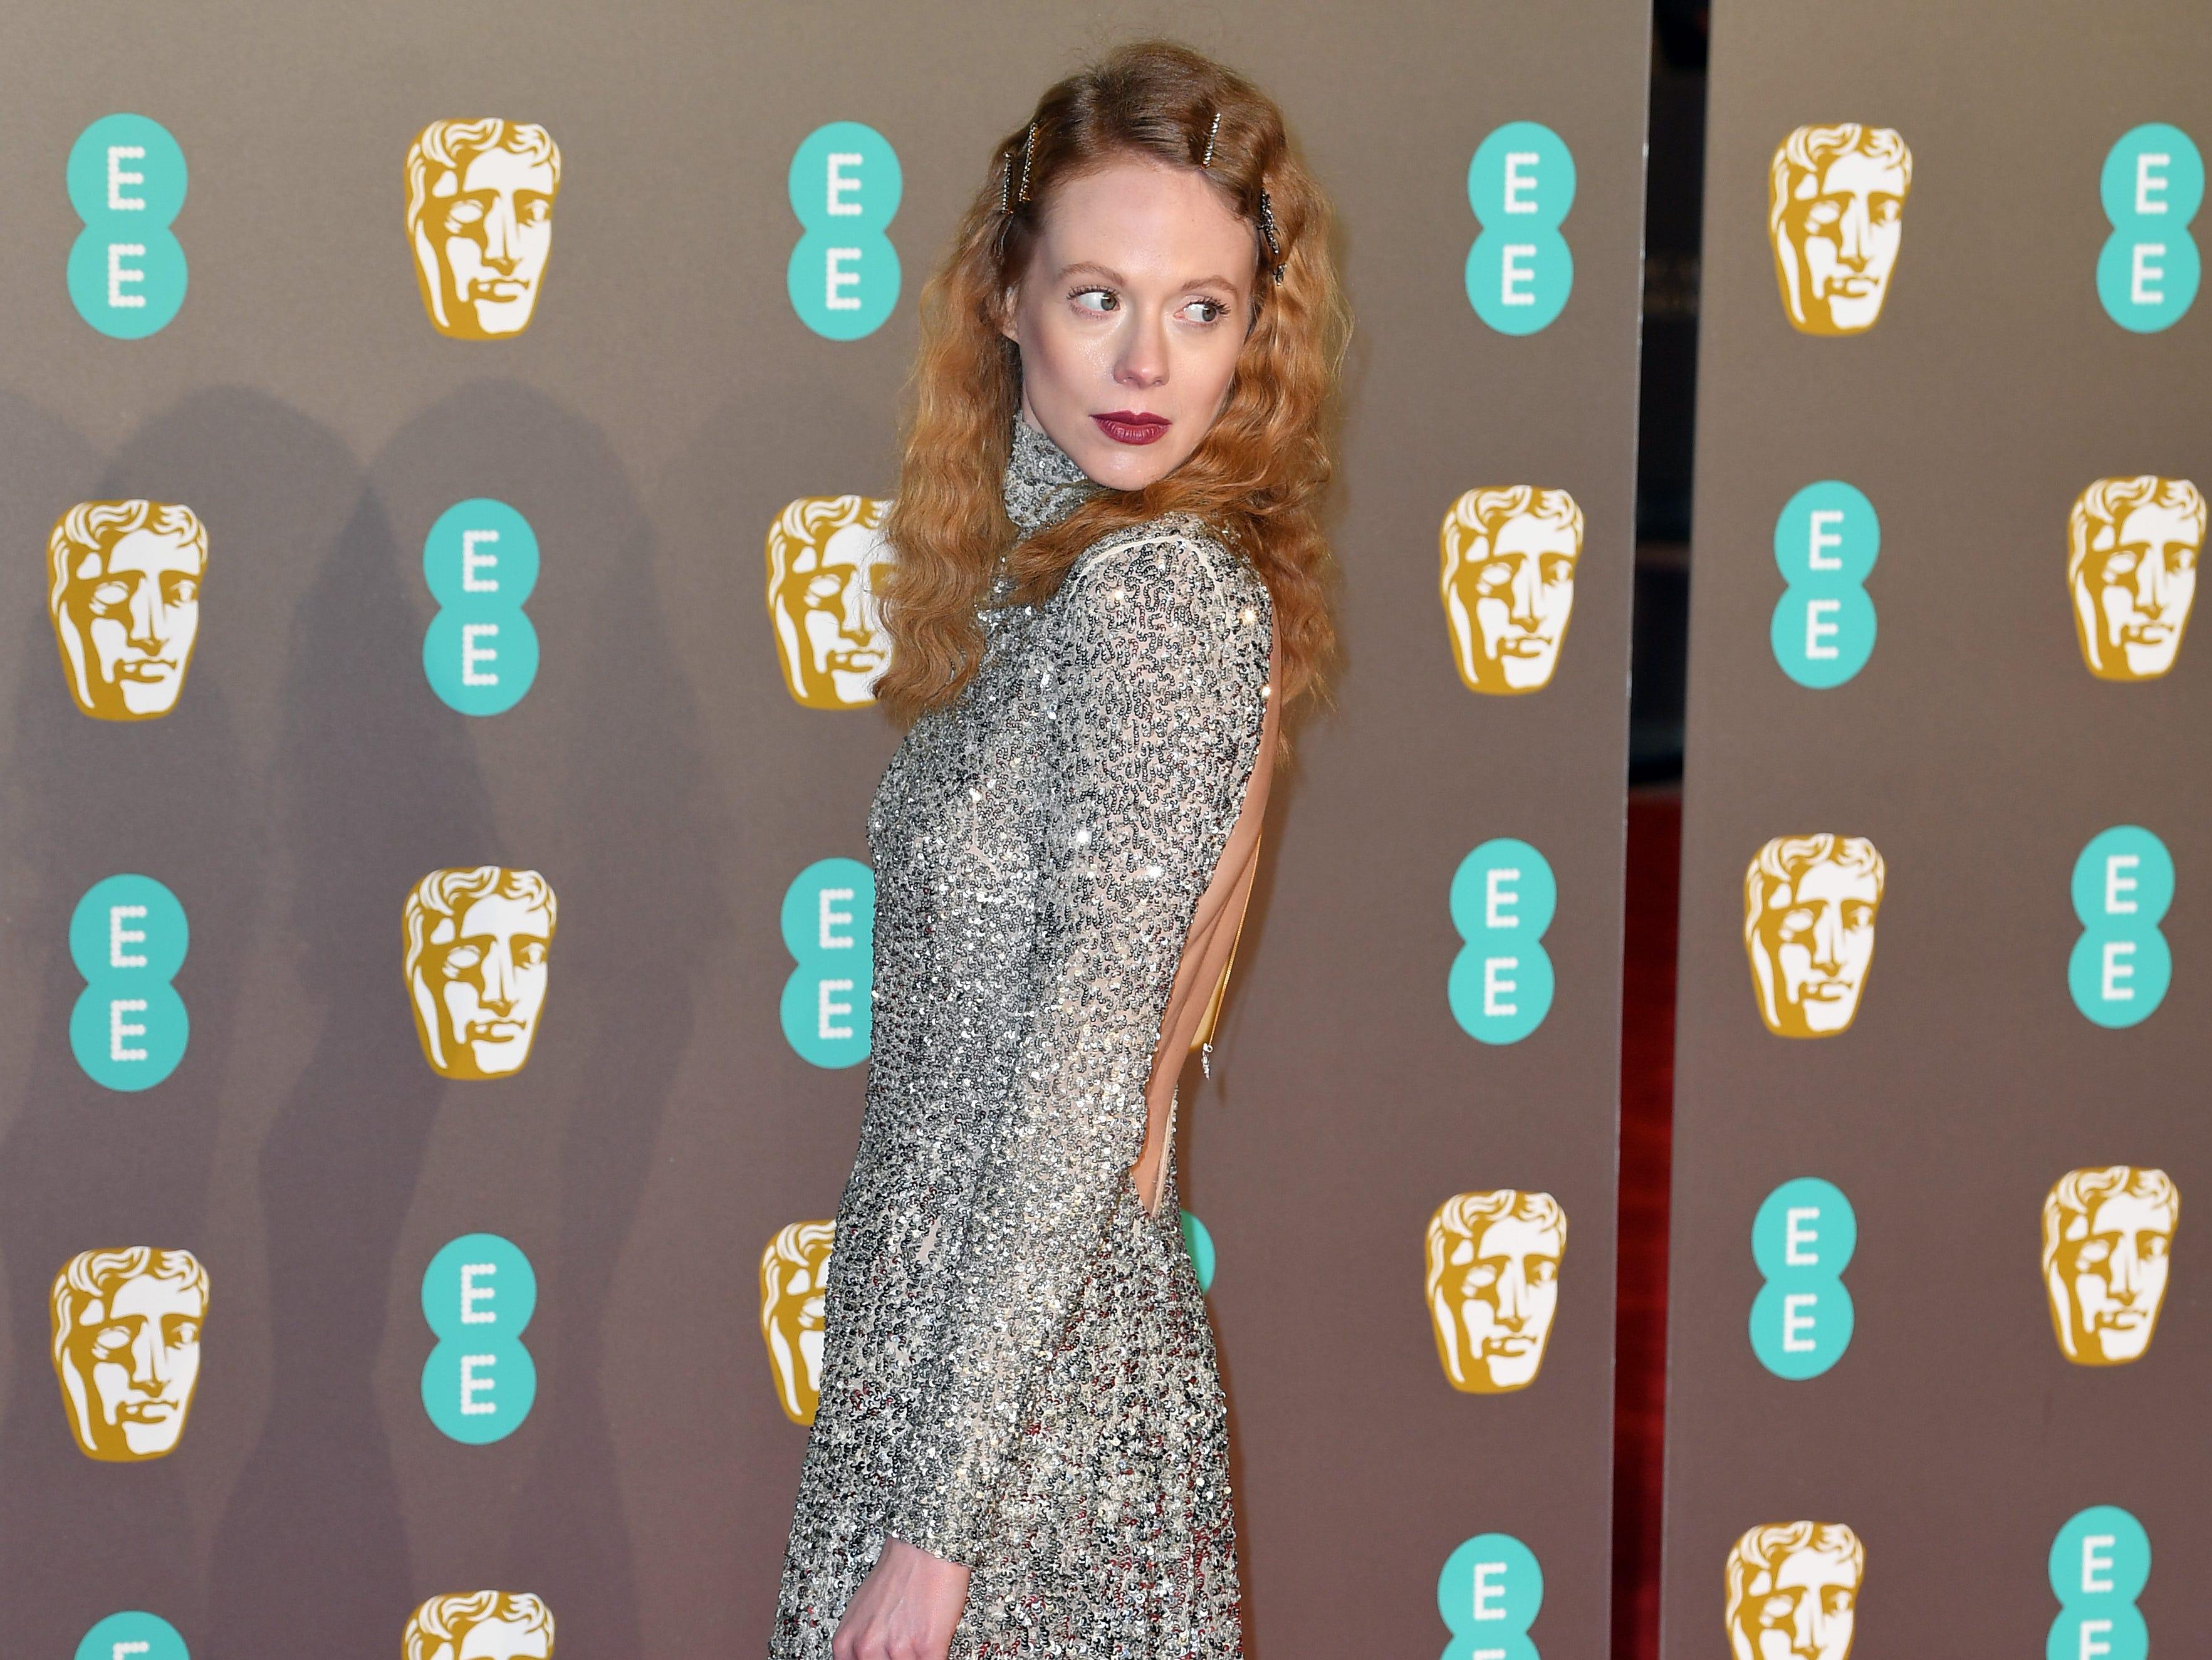 Zoe Boyle a su llegada a la alfombra roja de los Premios de la Academia Británica de Cine BAFTA en el Royal Albert Hall en Londres el 10 de febrero de 2019.